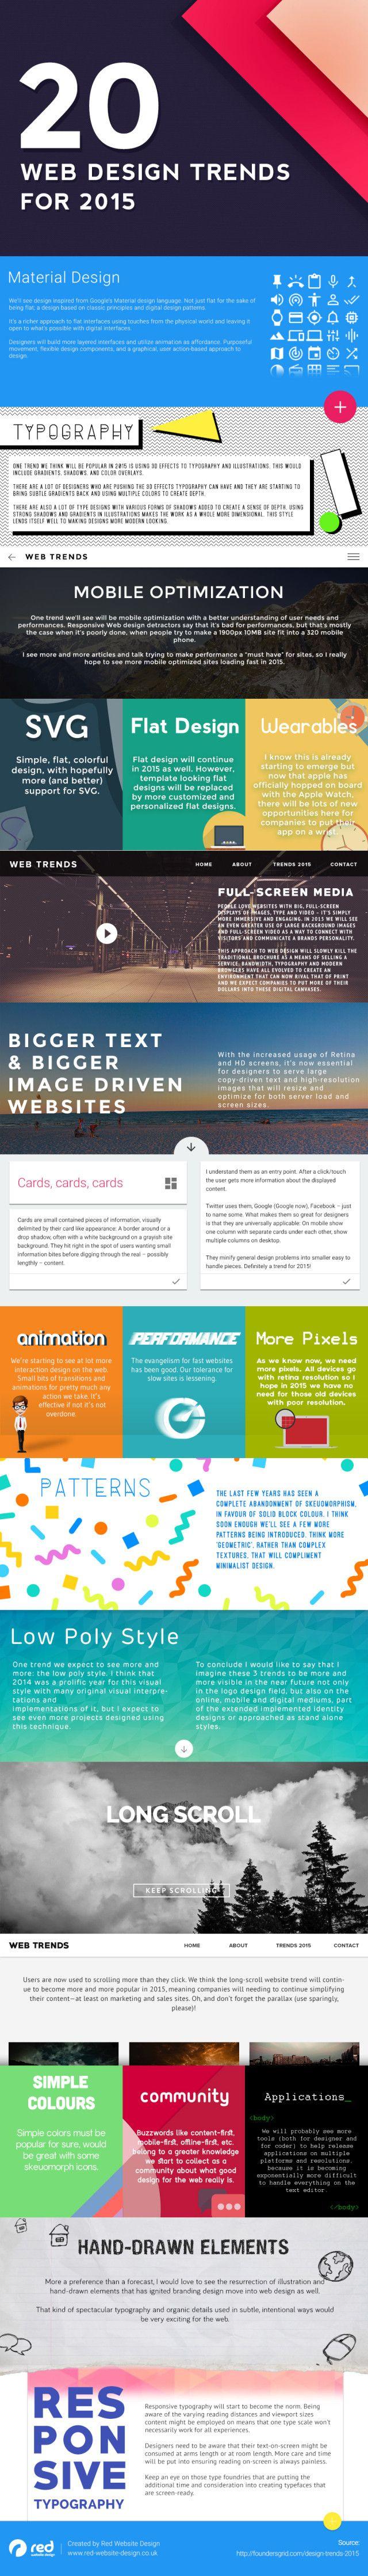 Bad designtrends  web design trends for  infographic  design trends u news